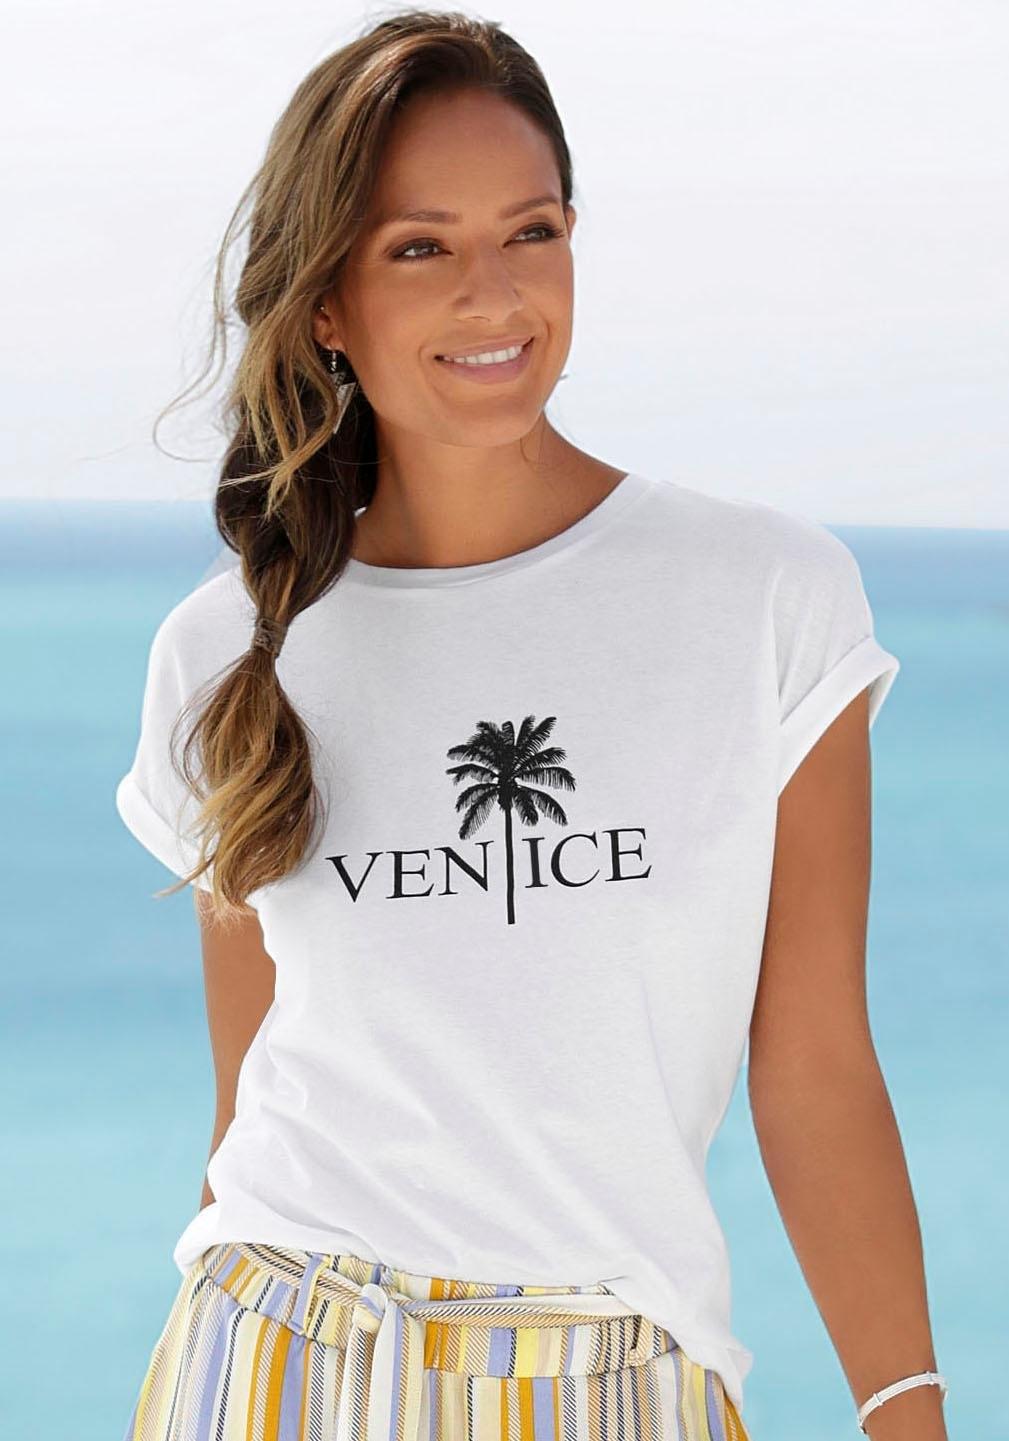 Venice Beach shirt met ronde hals met frontprint goedkoop op lascana.nl kopen